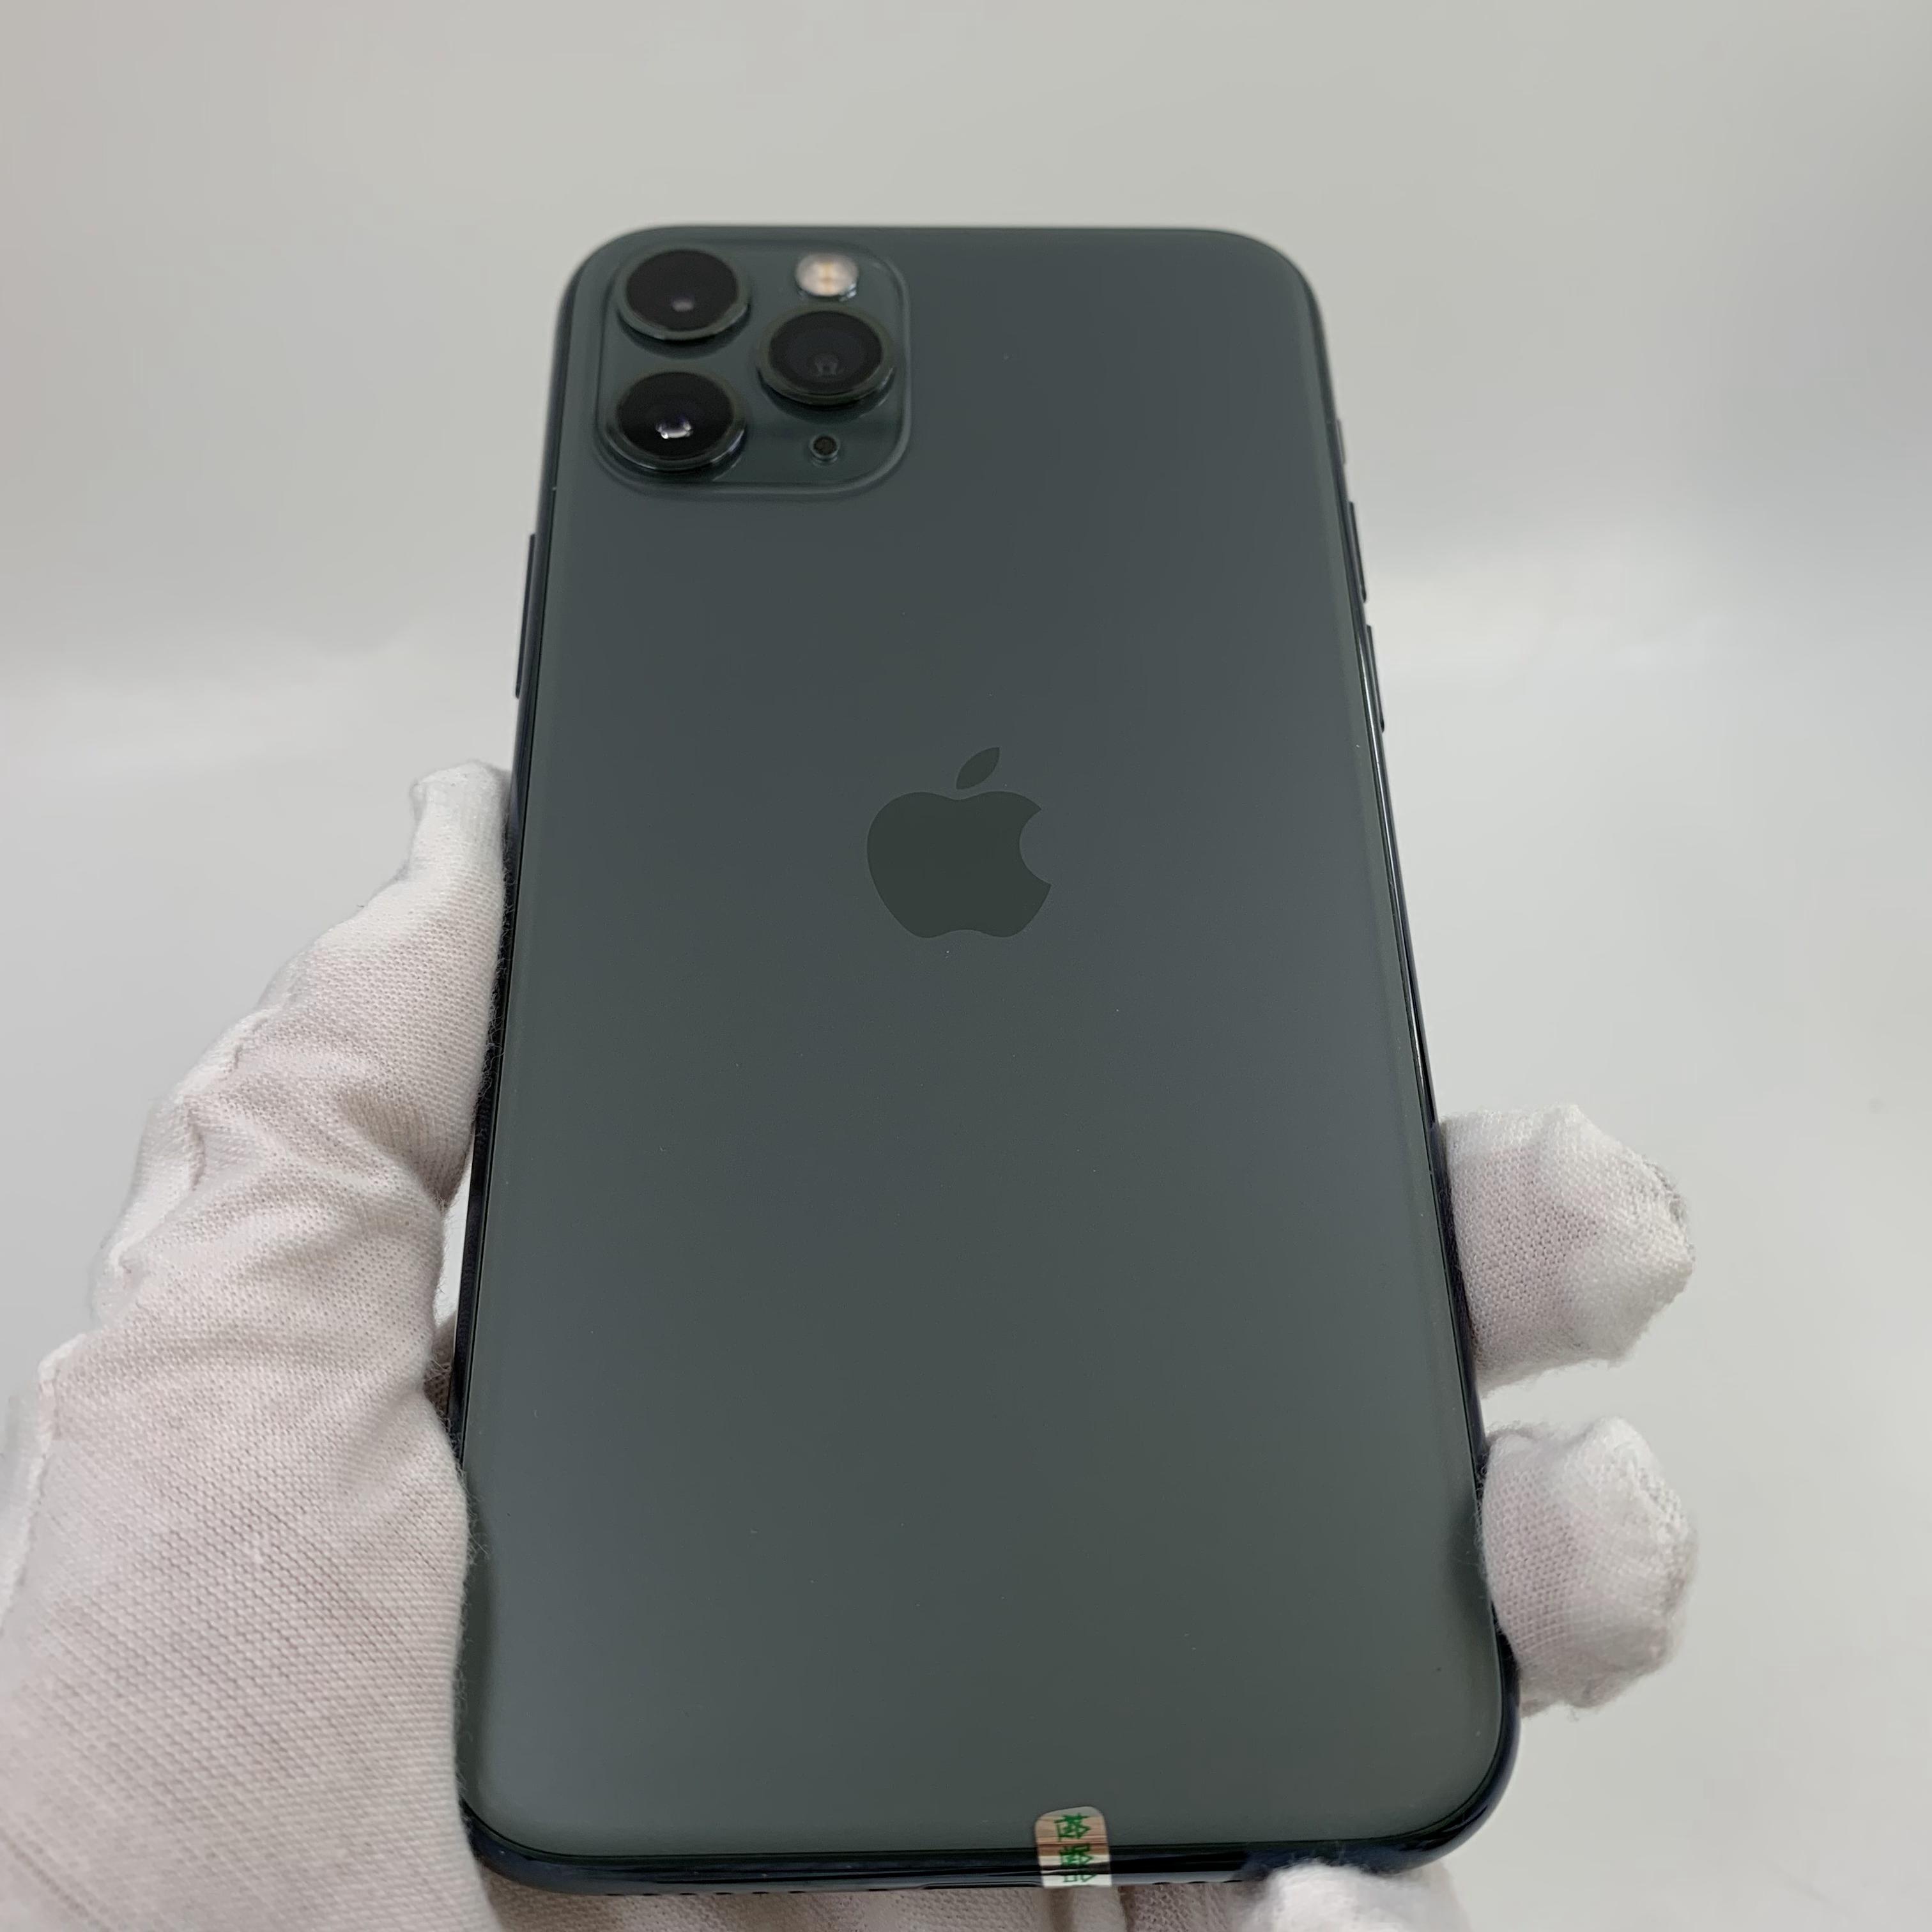 苹果【iPhone 11 Pro】4G全网通 暗夜绿色 64G 国行 9成新 真机实拍